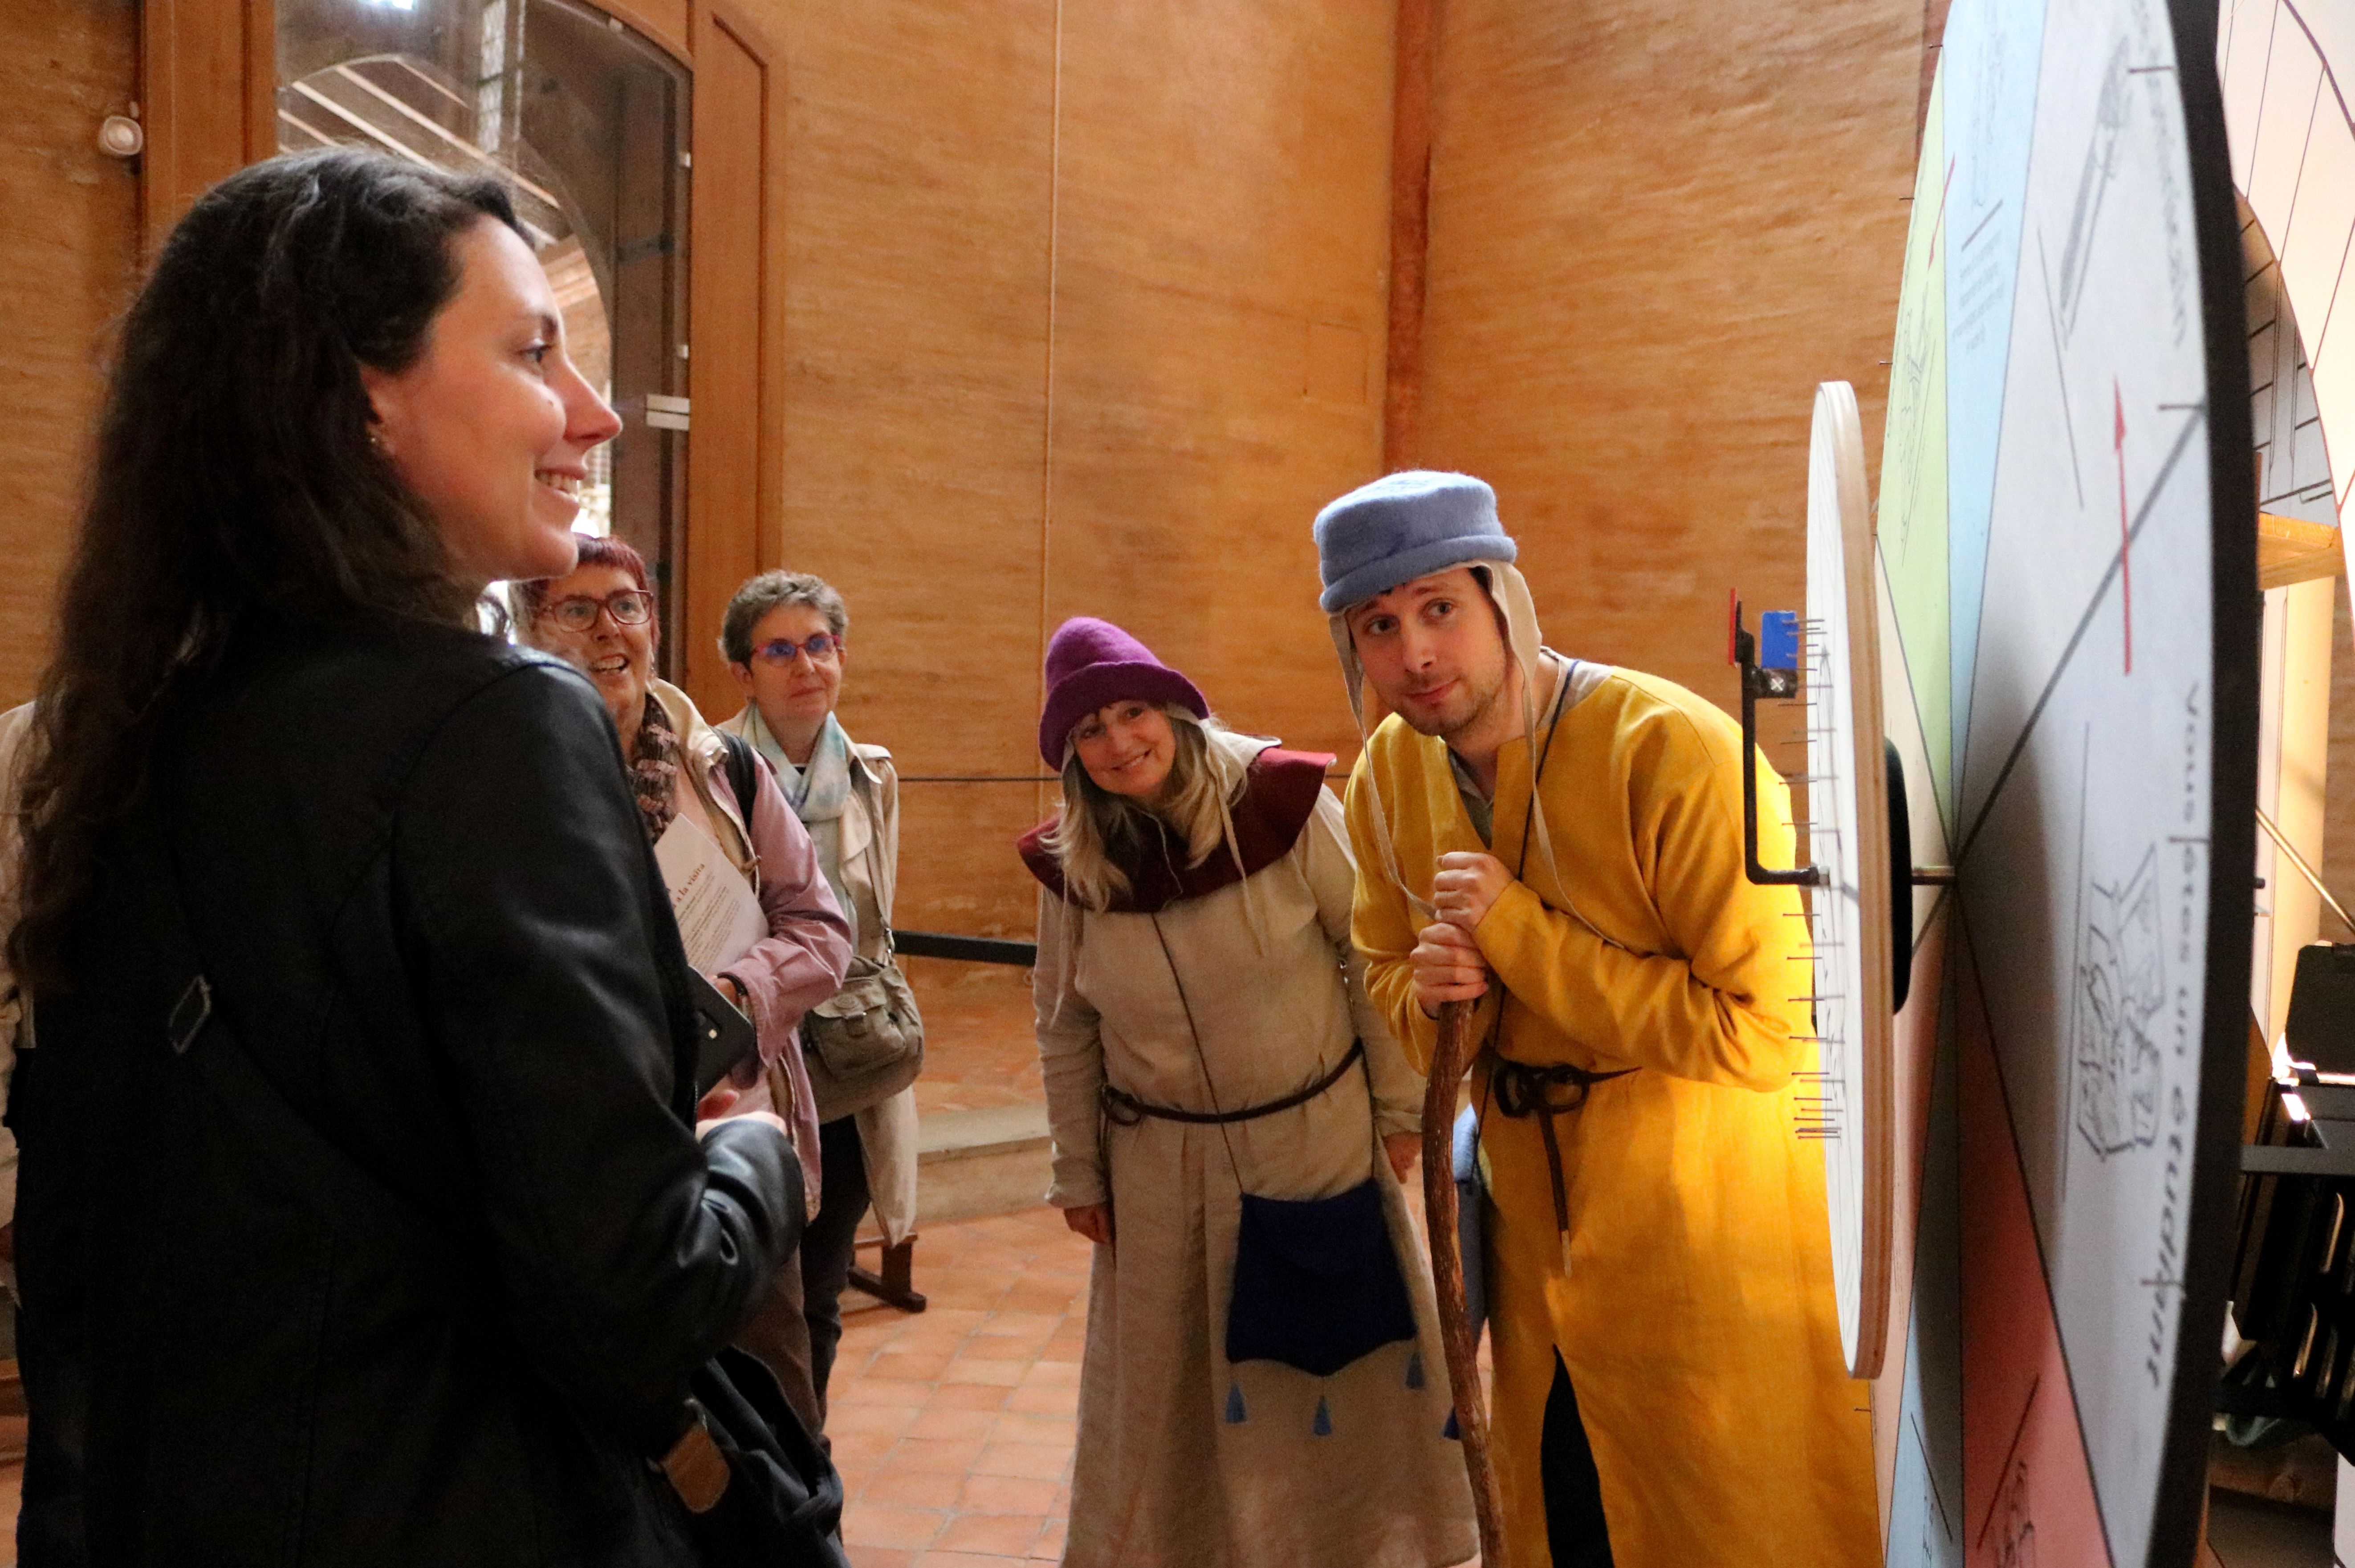 Les visites extra ordinaires du couvent des Jacobins